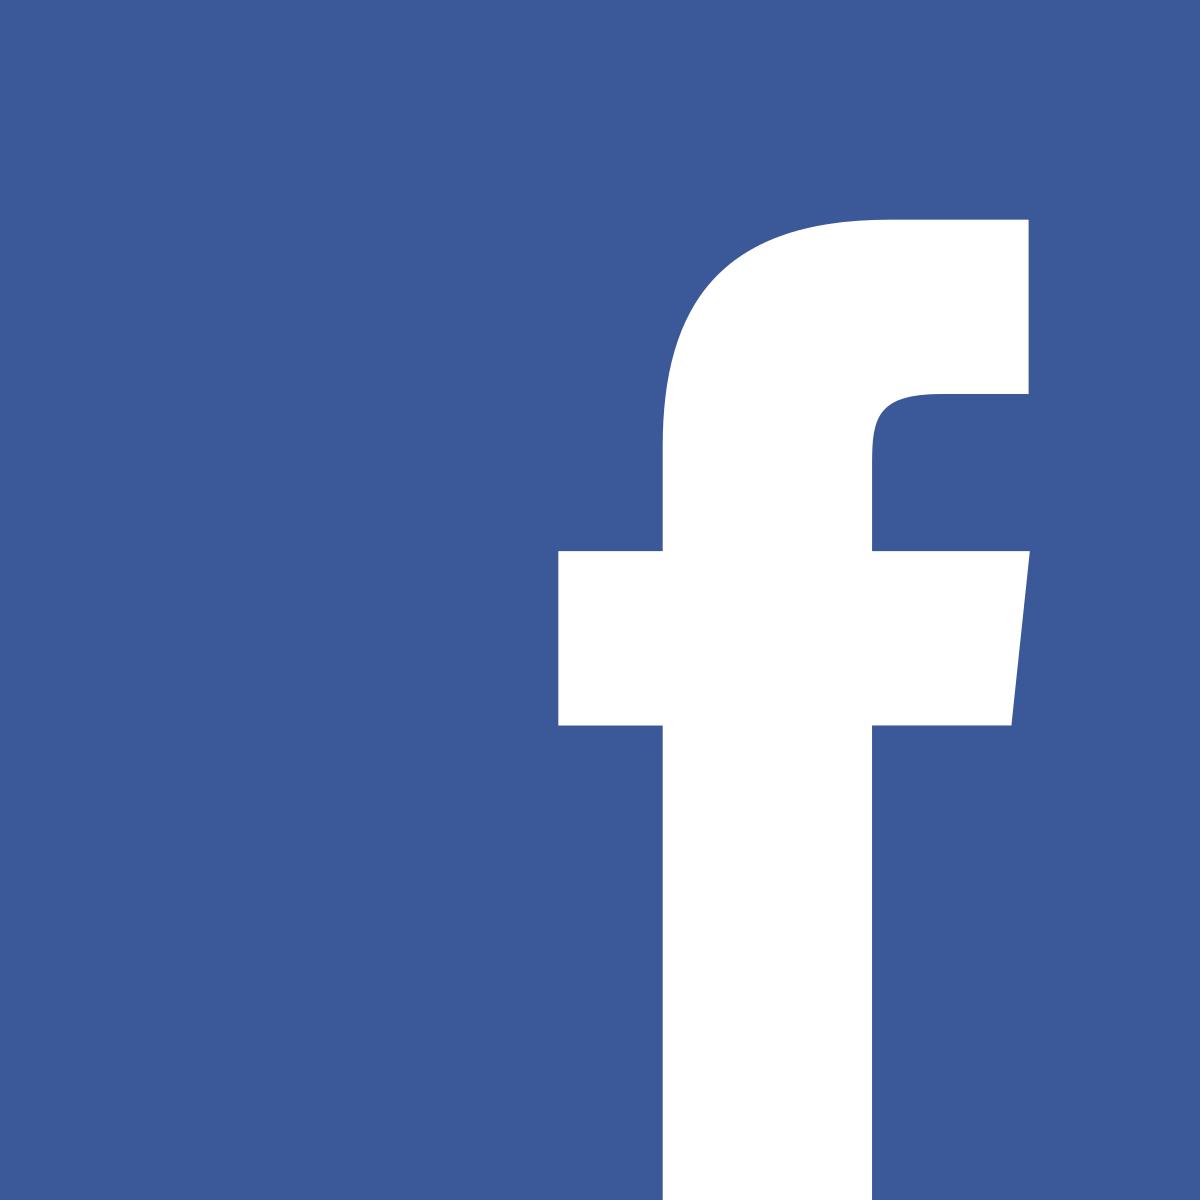 Facebook_logo_36x36svgpng